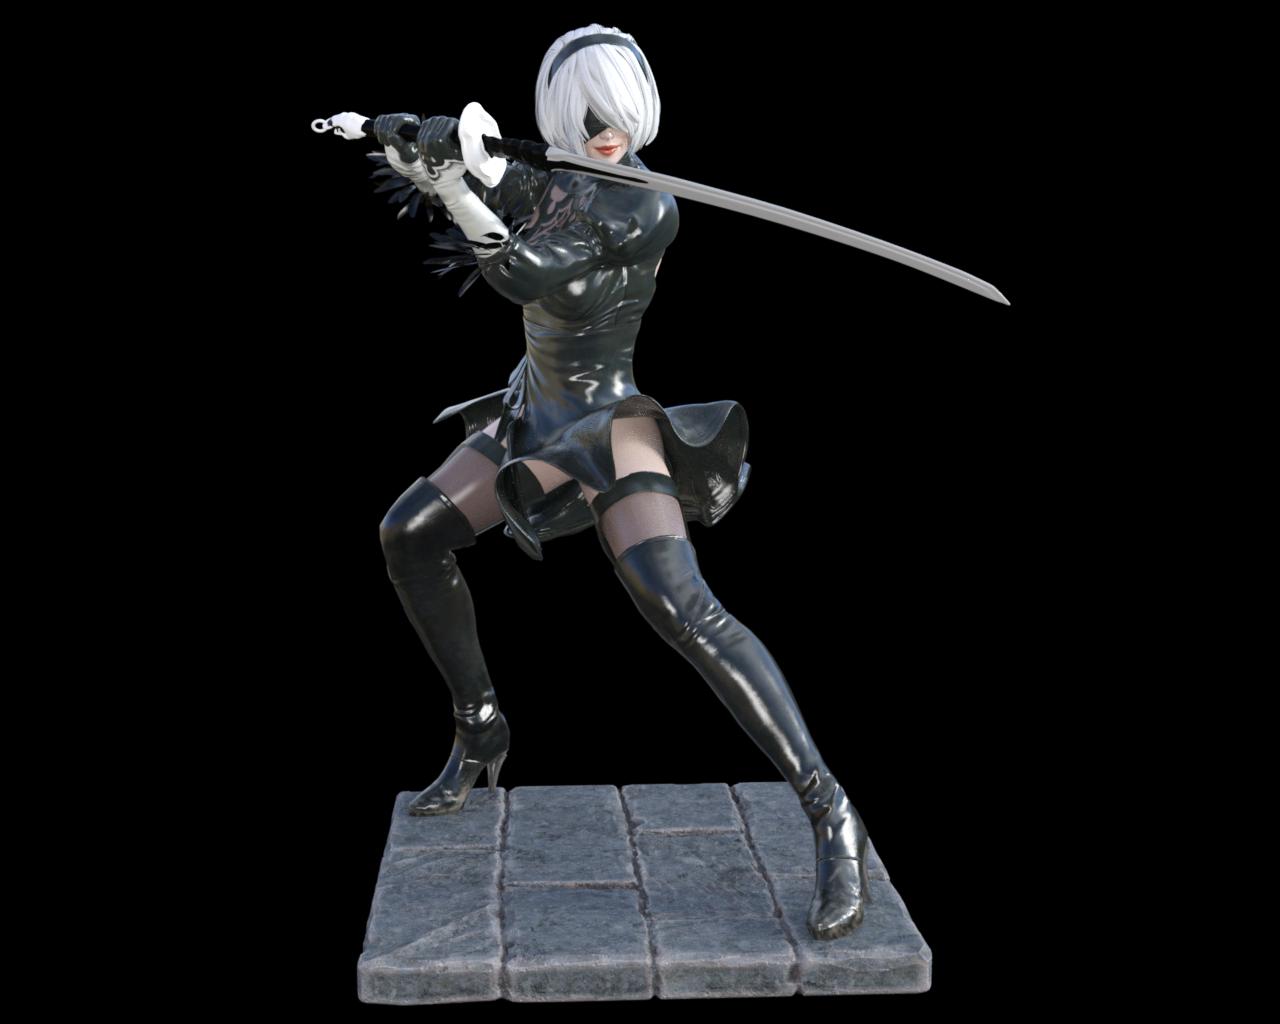 Nier Automata 2B 3D Print Figure from Natadu